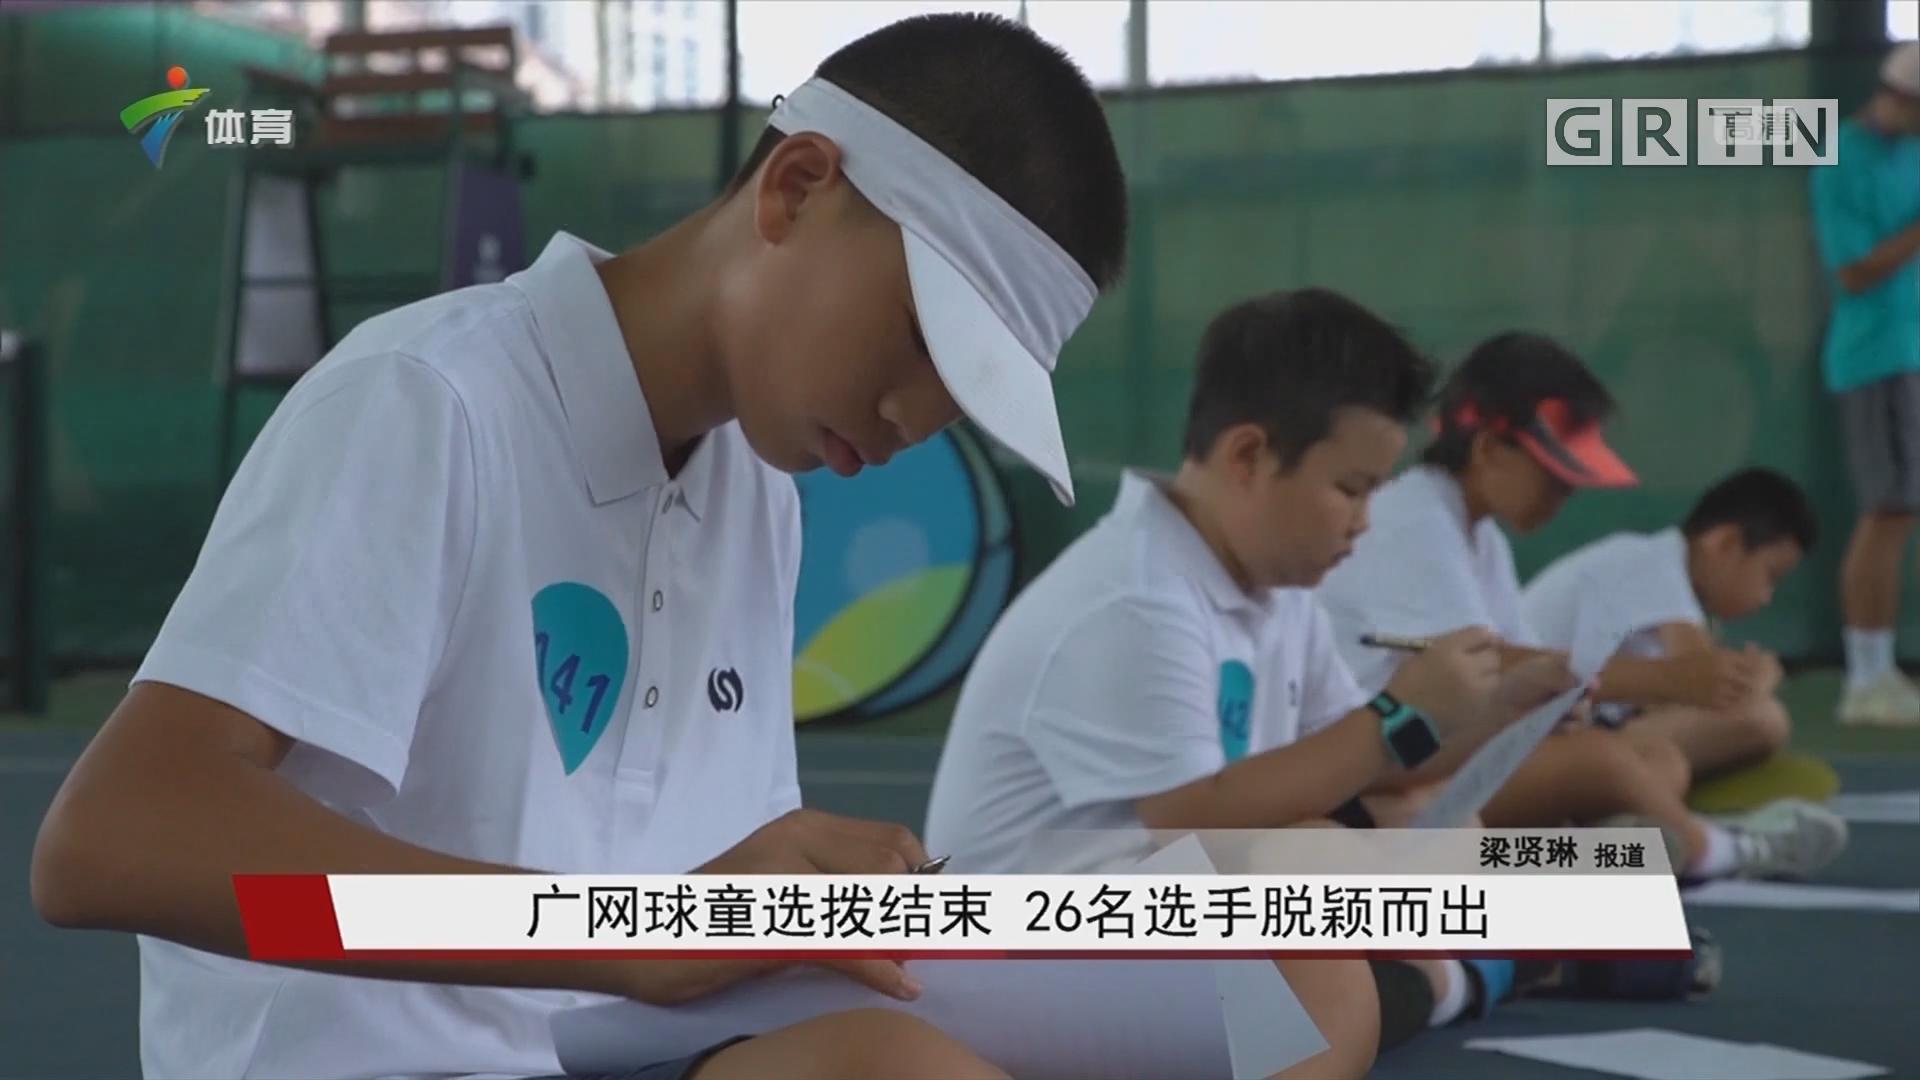 广网球童选拨结束 26名选手脱颖而出